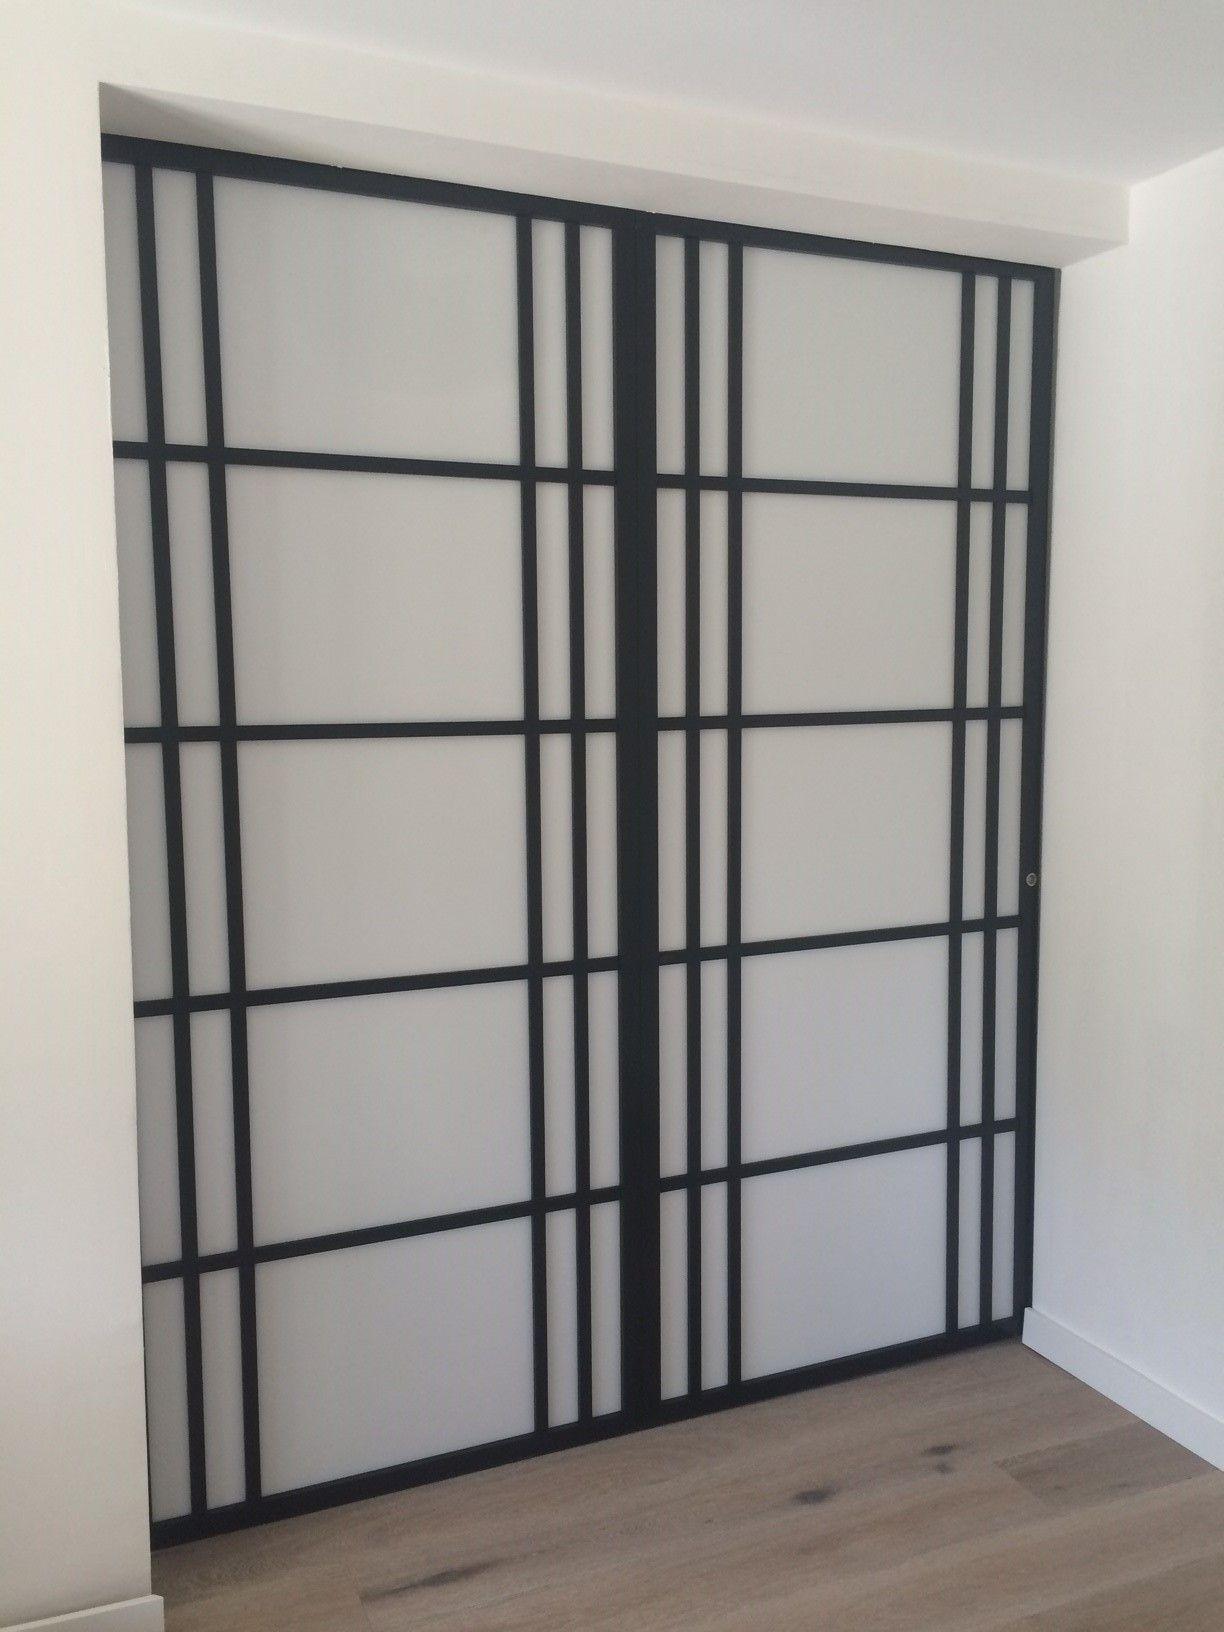 cloison coulissante sur mesure votre go t cloison japonaise coulissante et porte pinterest. Black Bedroom Furniture Sets. Home Design Ideas